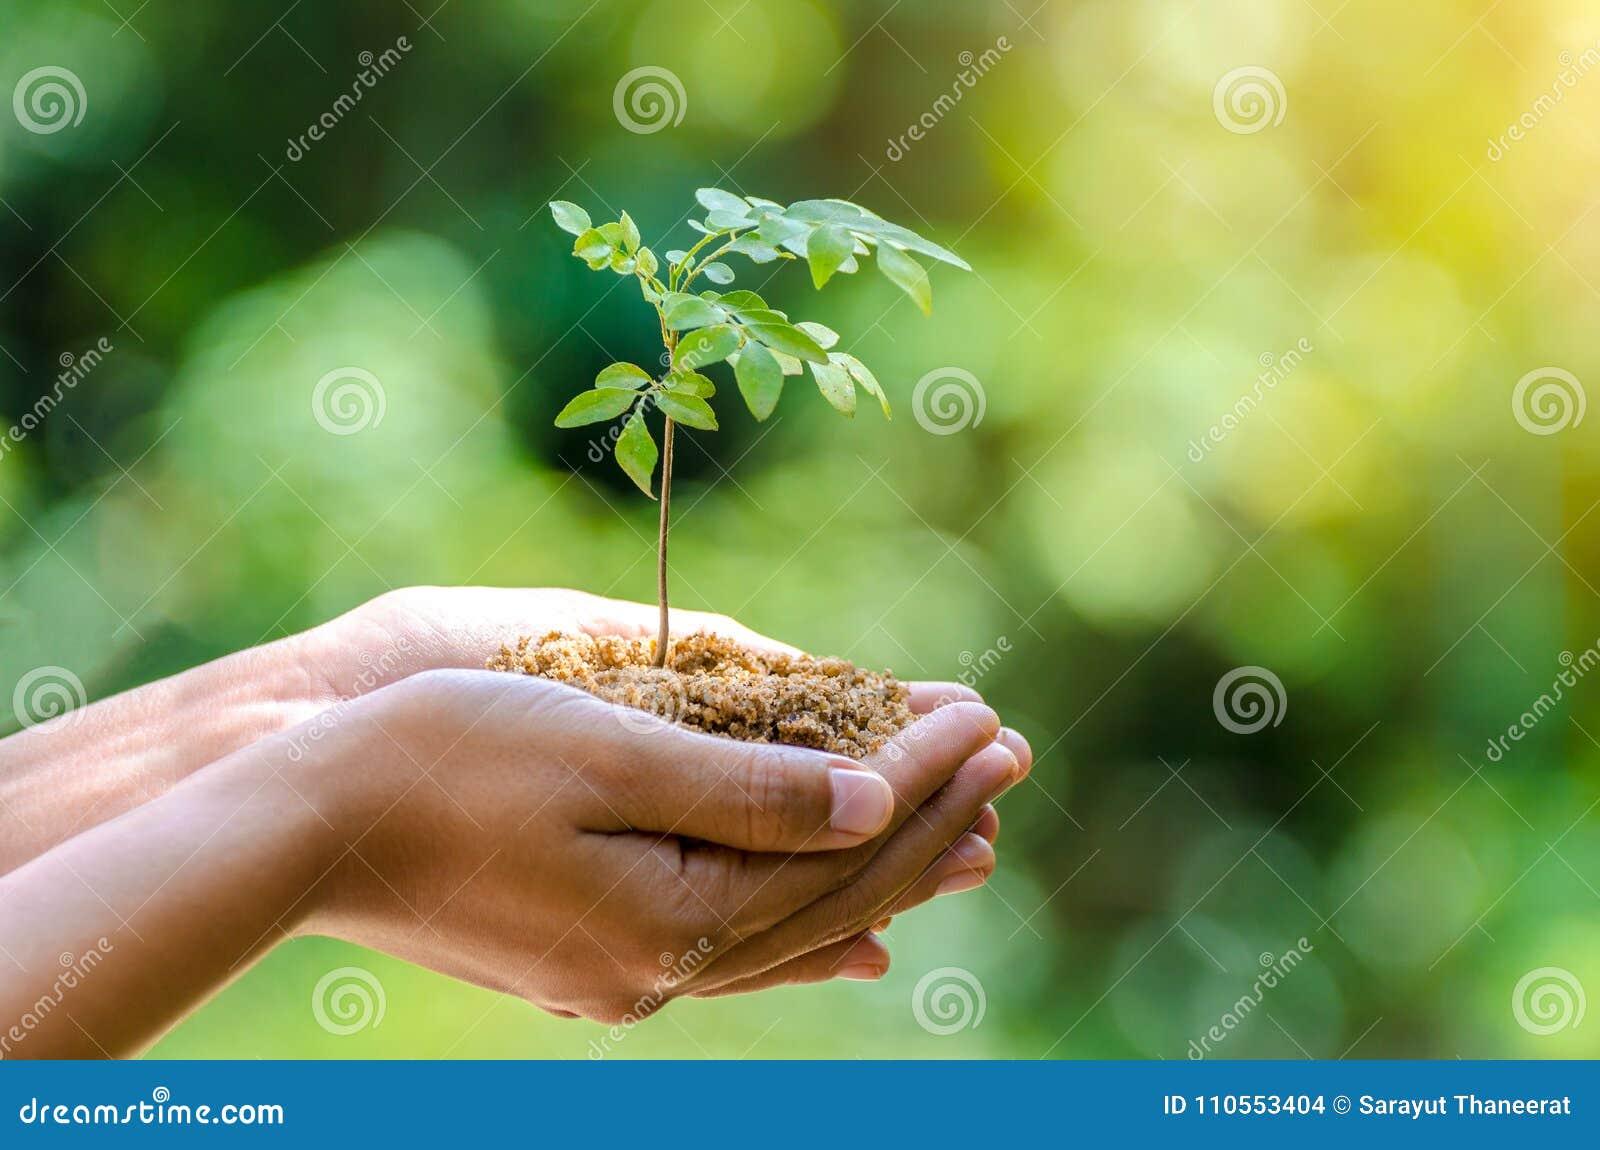 W rękach drzewa r sadzonkowego Bokeh zieleni tła ręki Żeńskiego mienia natury pola trawy lasu drzewną konserwację